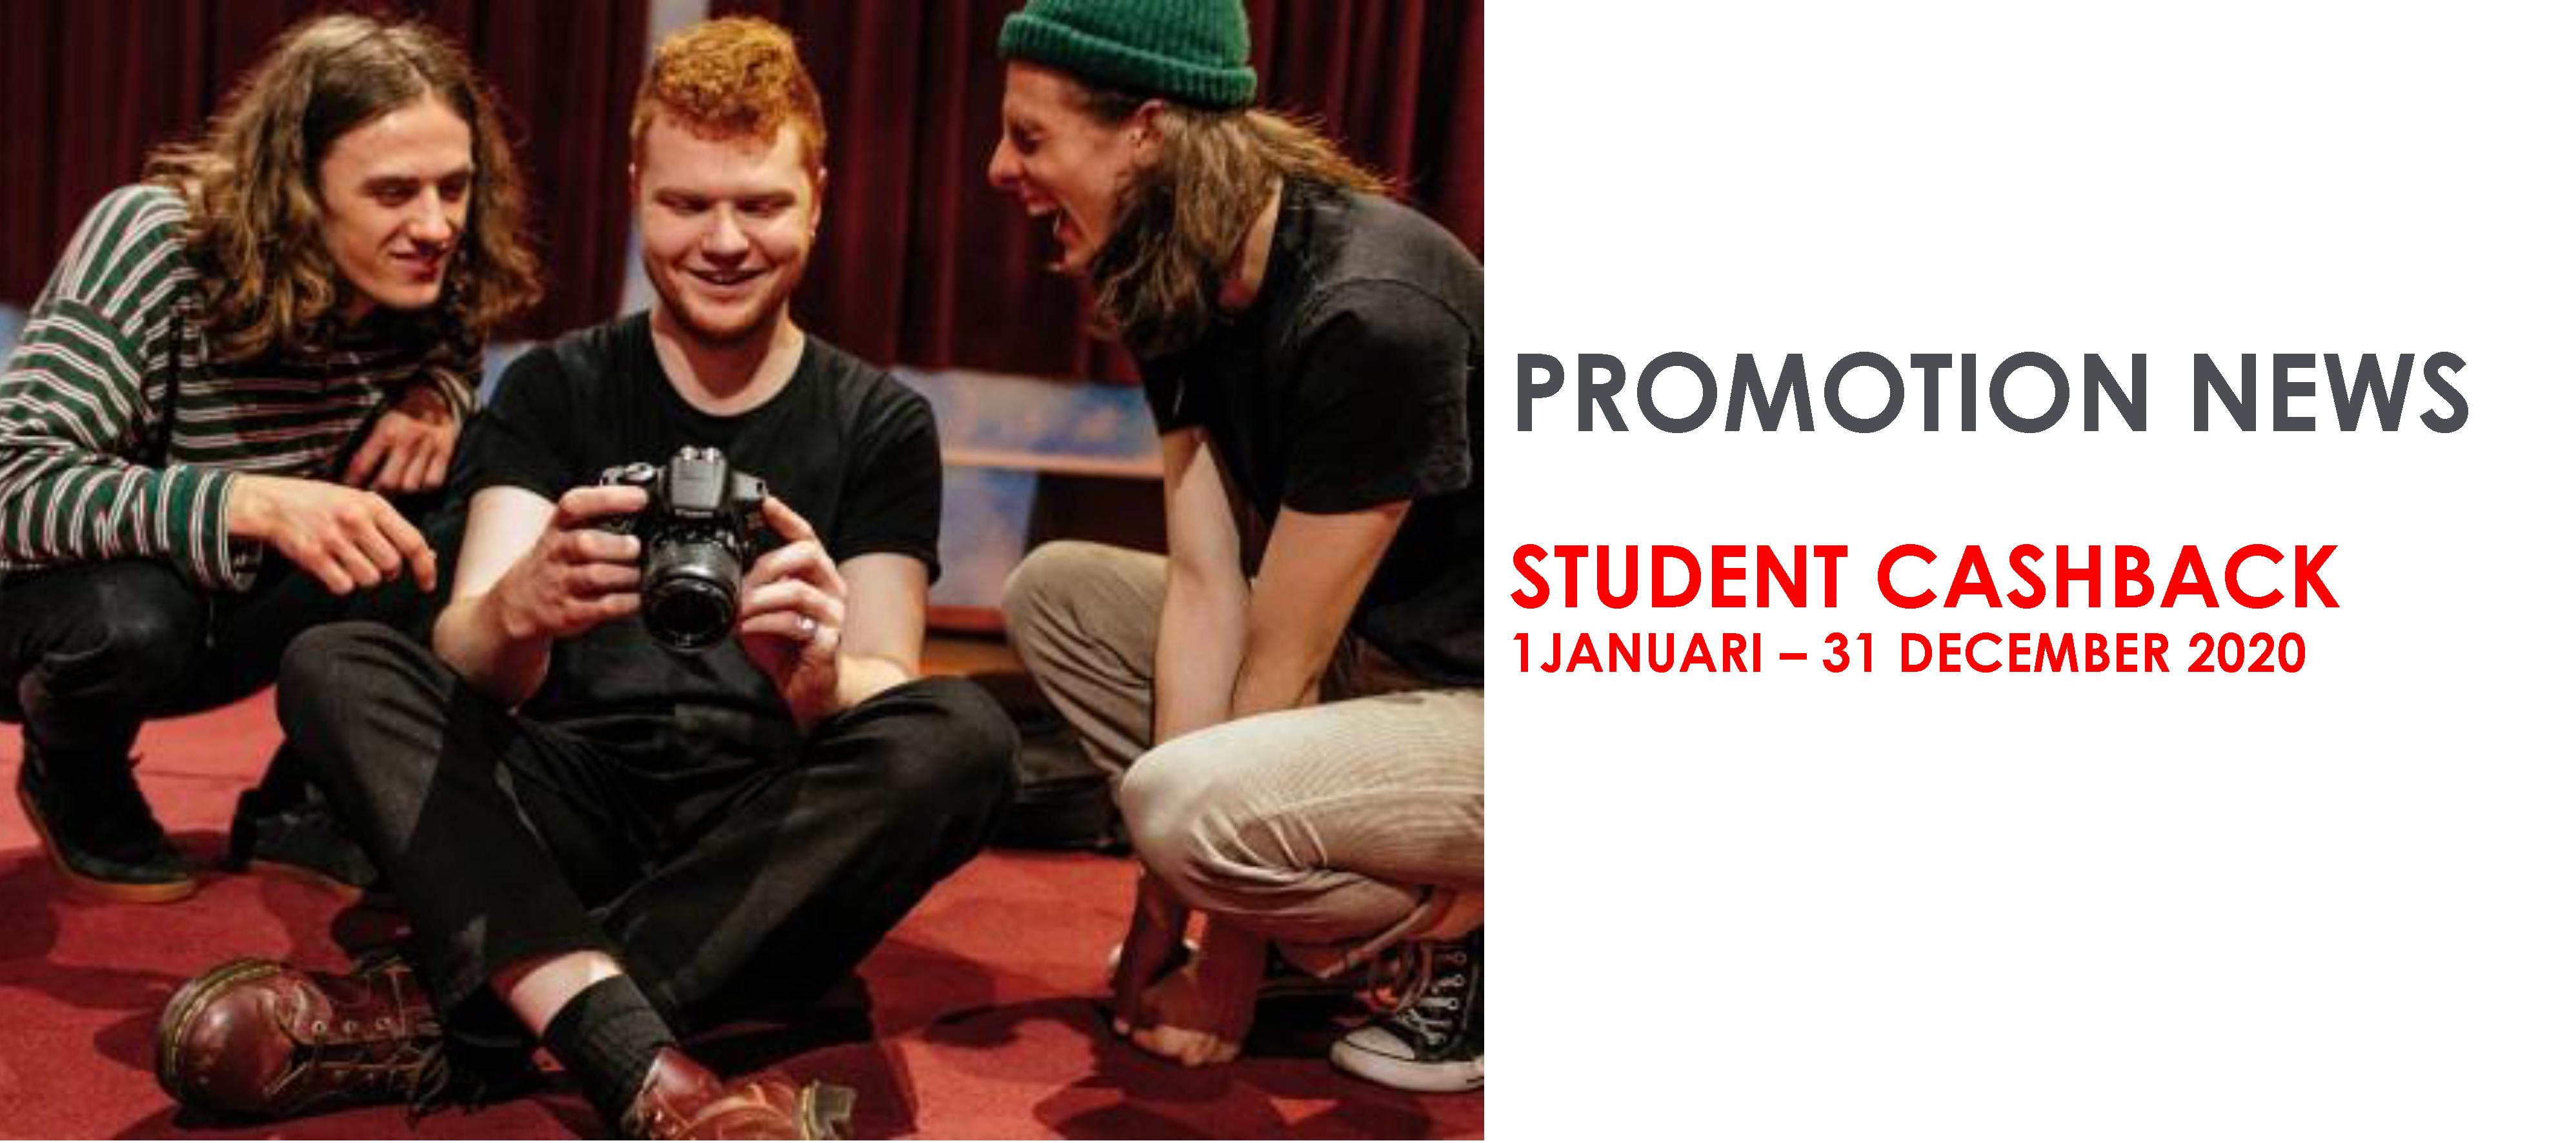 Promotion%20news%20NL%20-%20studenten%20cashback%20-%20Jan%202020-banner_1.png